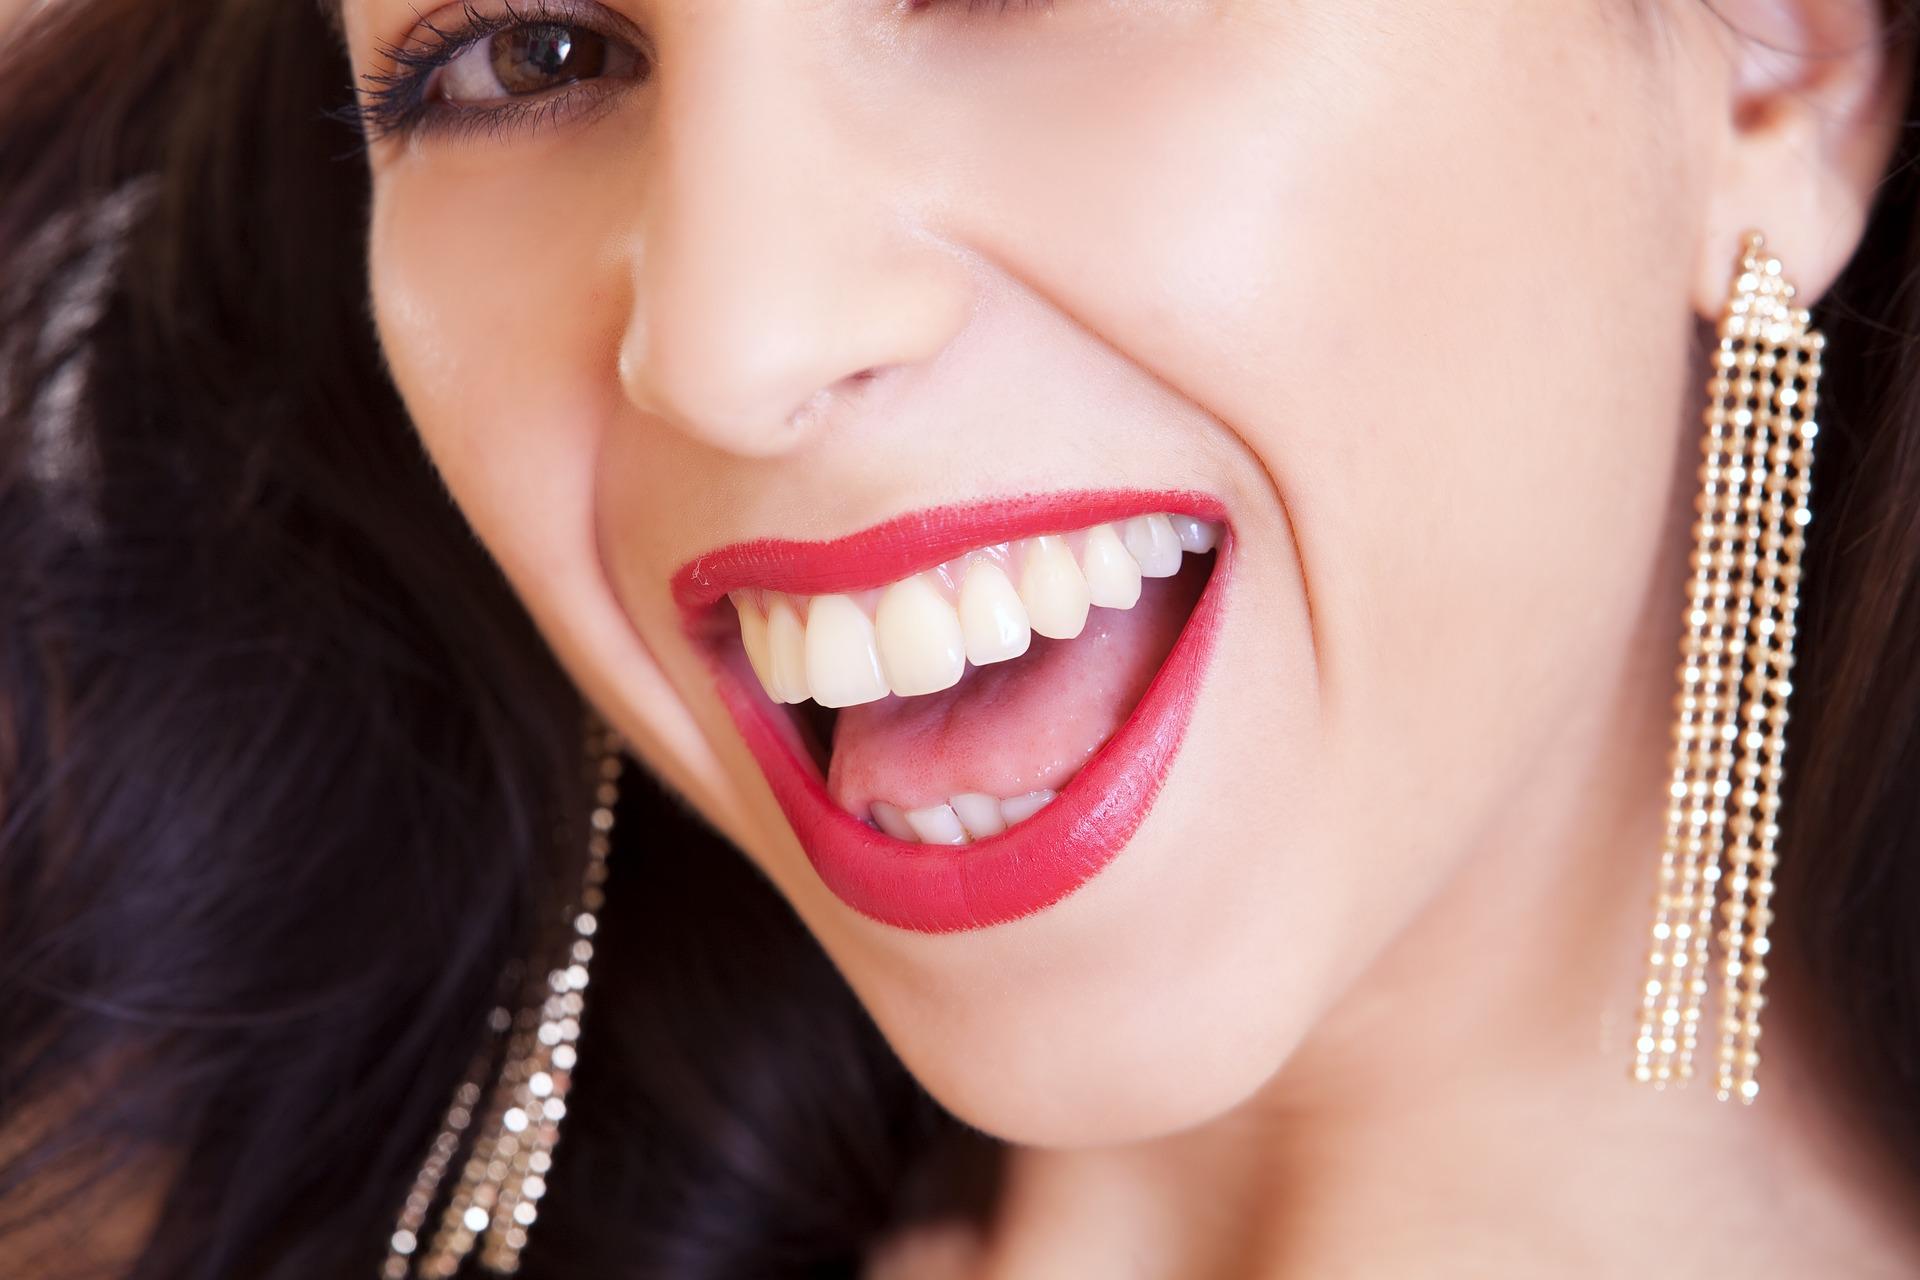 Zuby jsou naší vizitkou